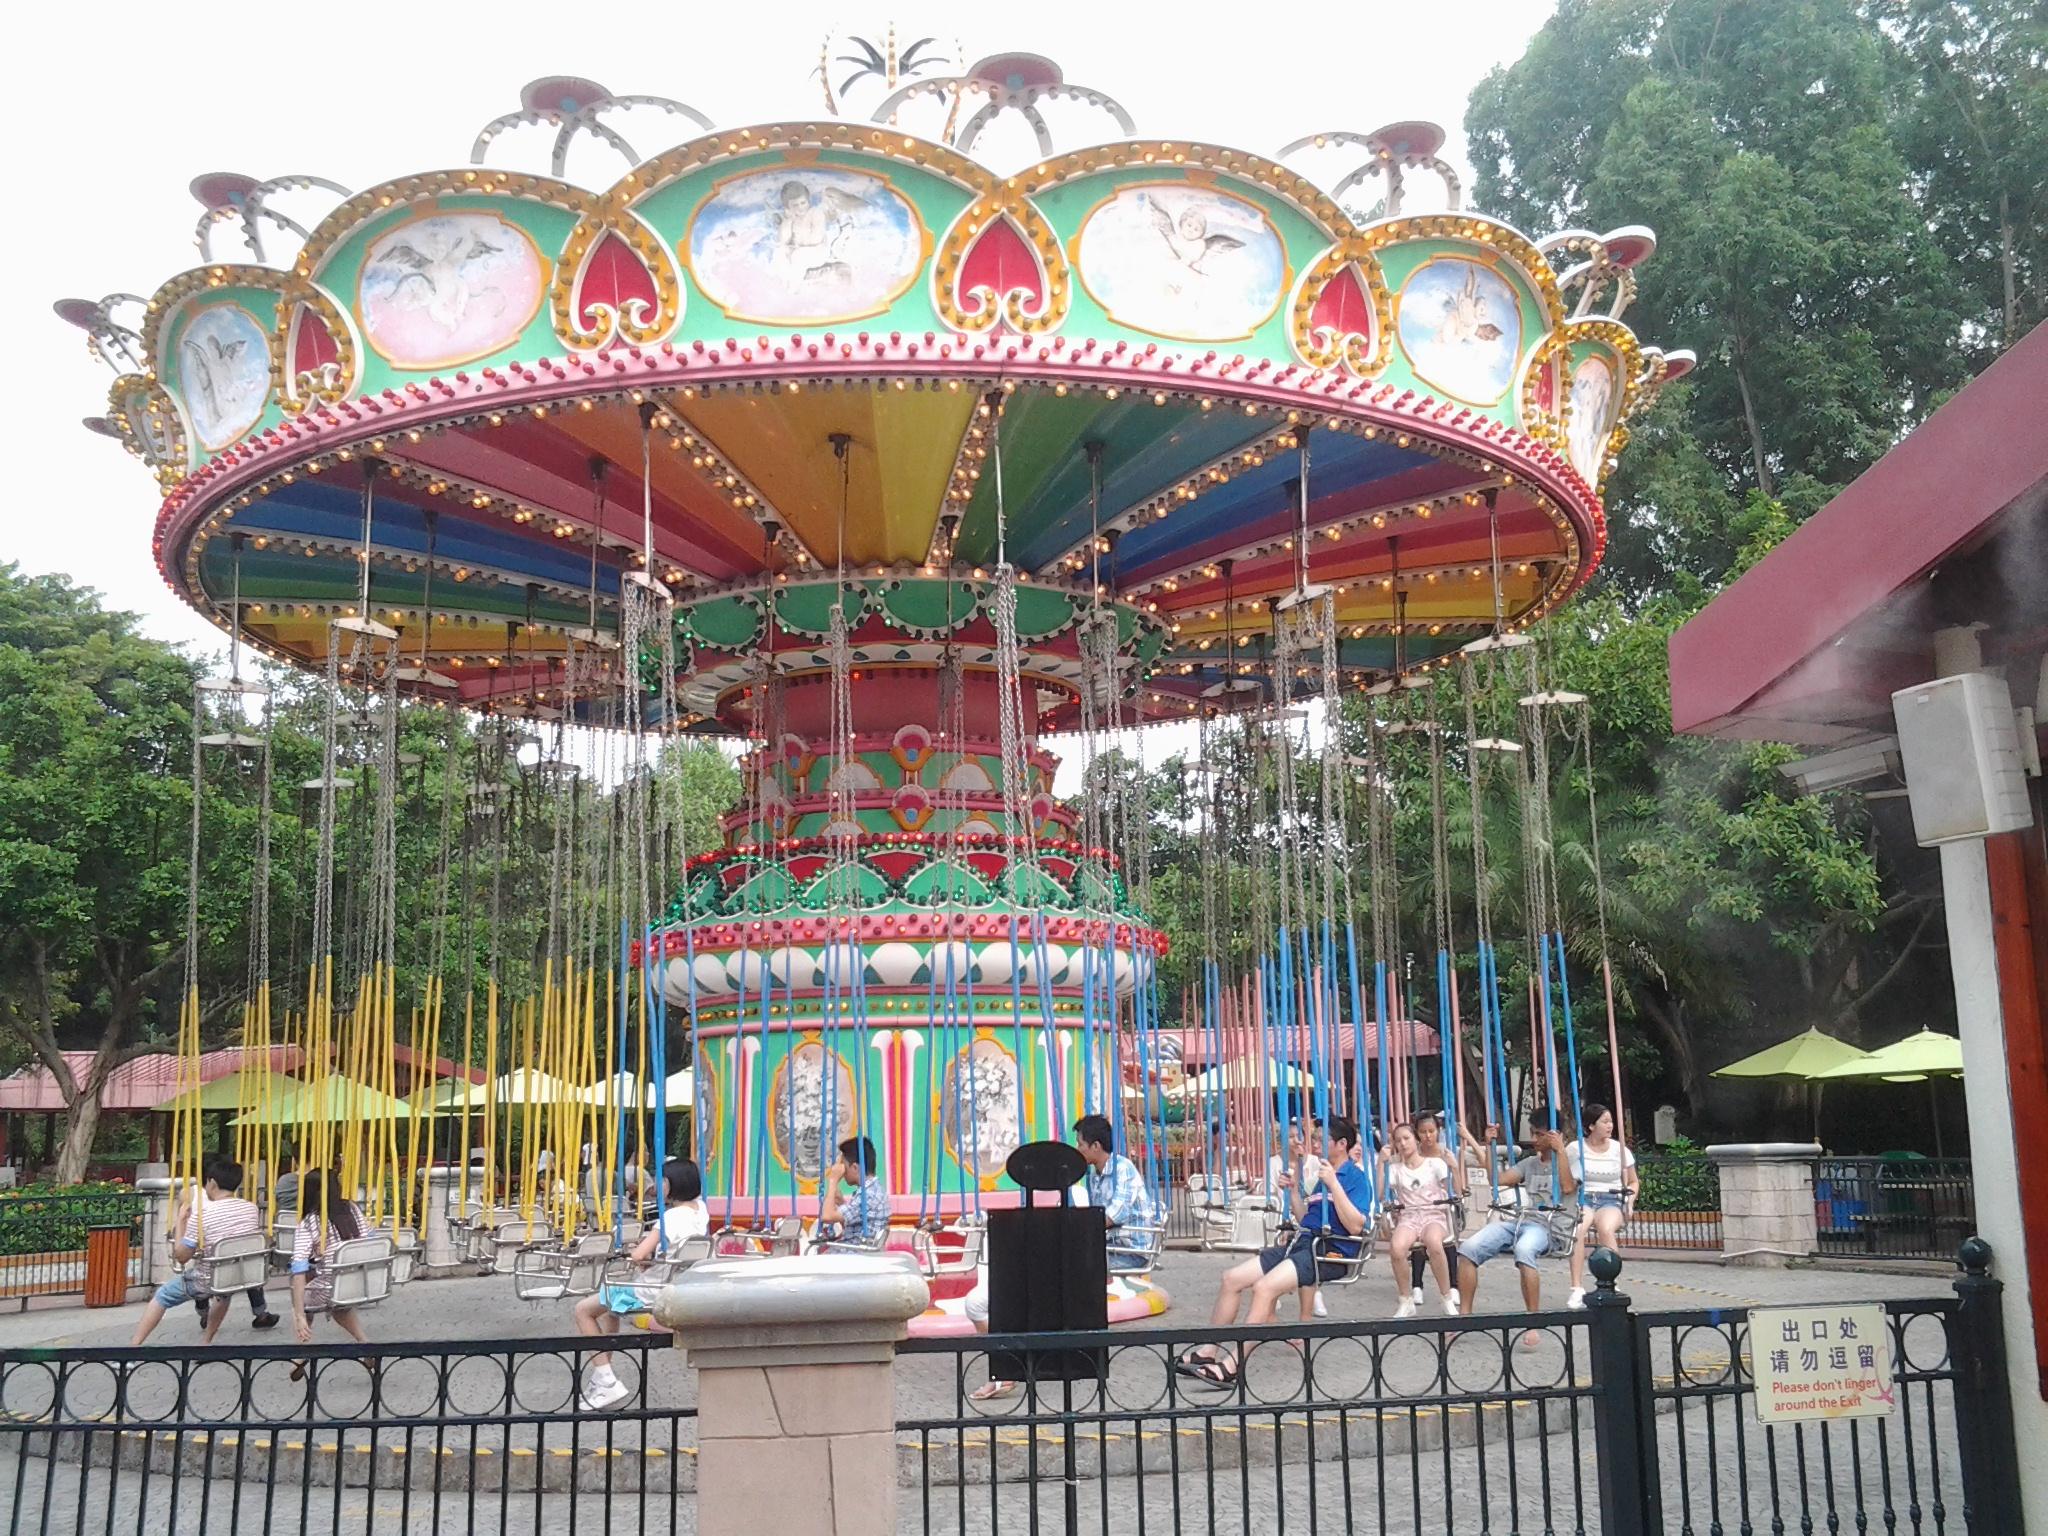 广州游记  长隆旅游度假区分4个景区即长隆欢乐世界,长隆野生动物园